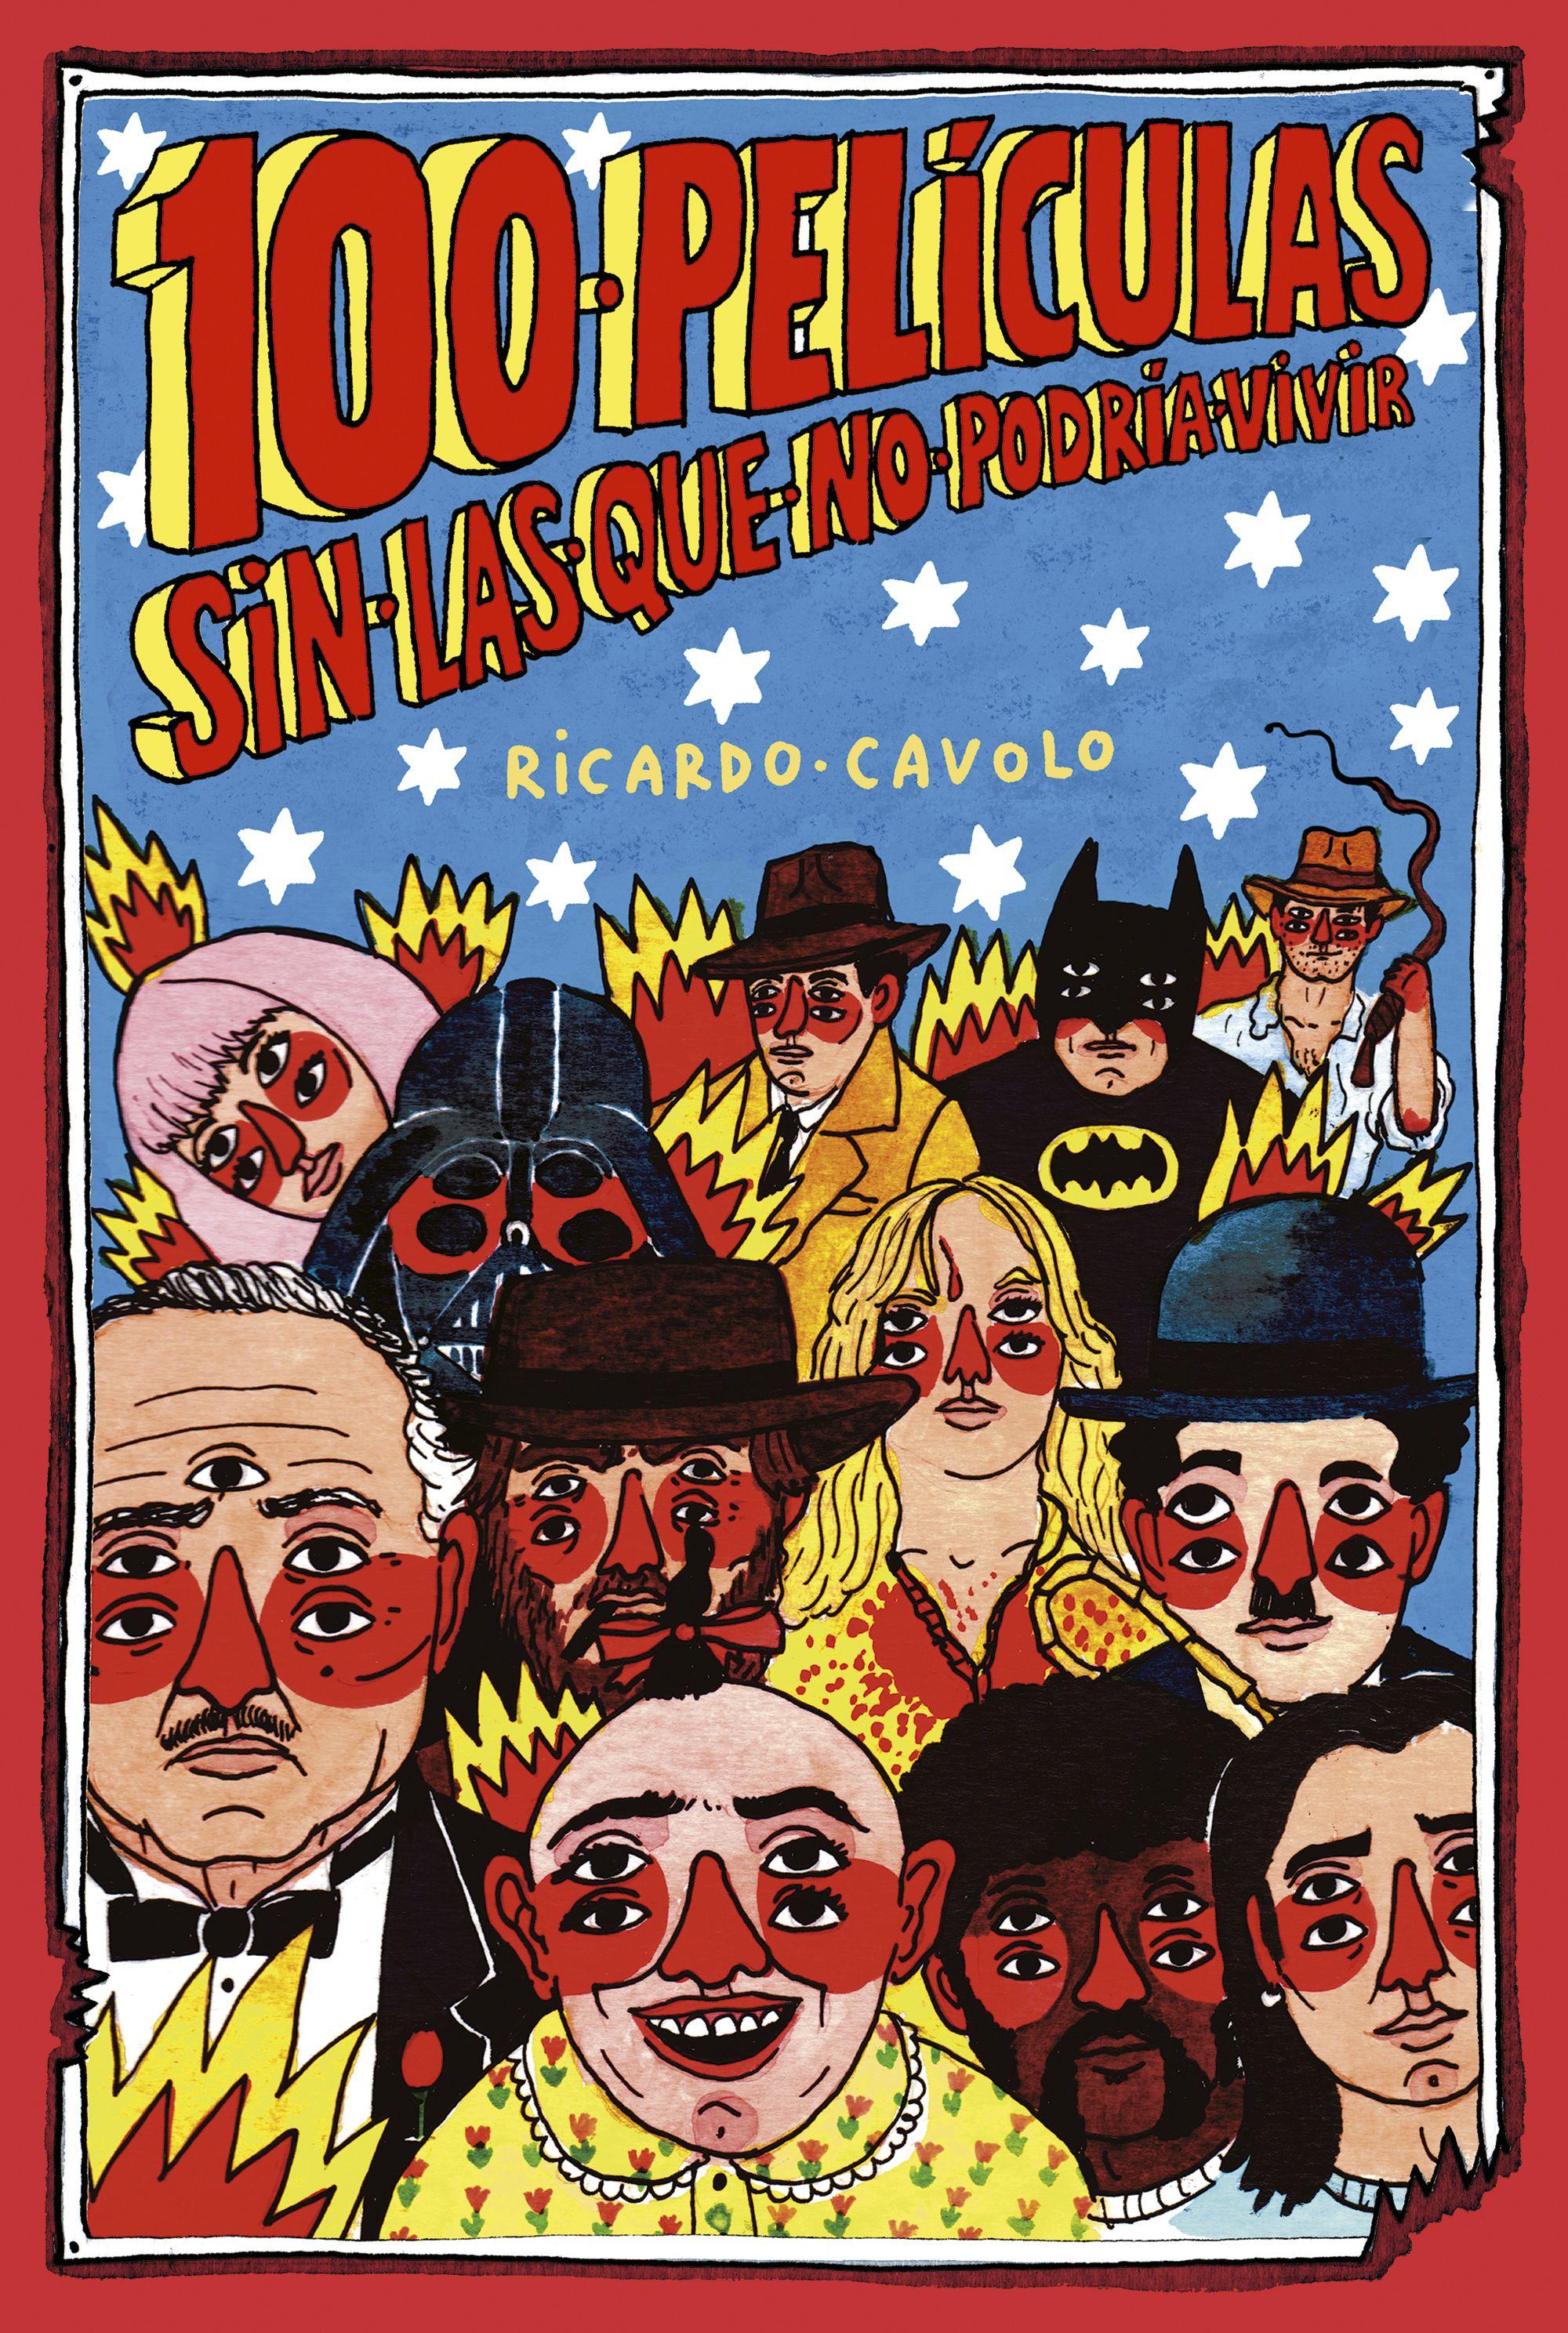 100 películas sin las que no podría vivir, de Ricardo Cavolo